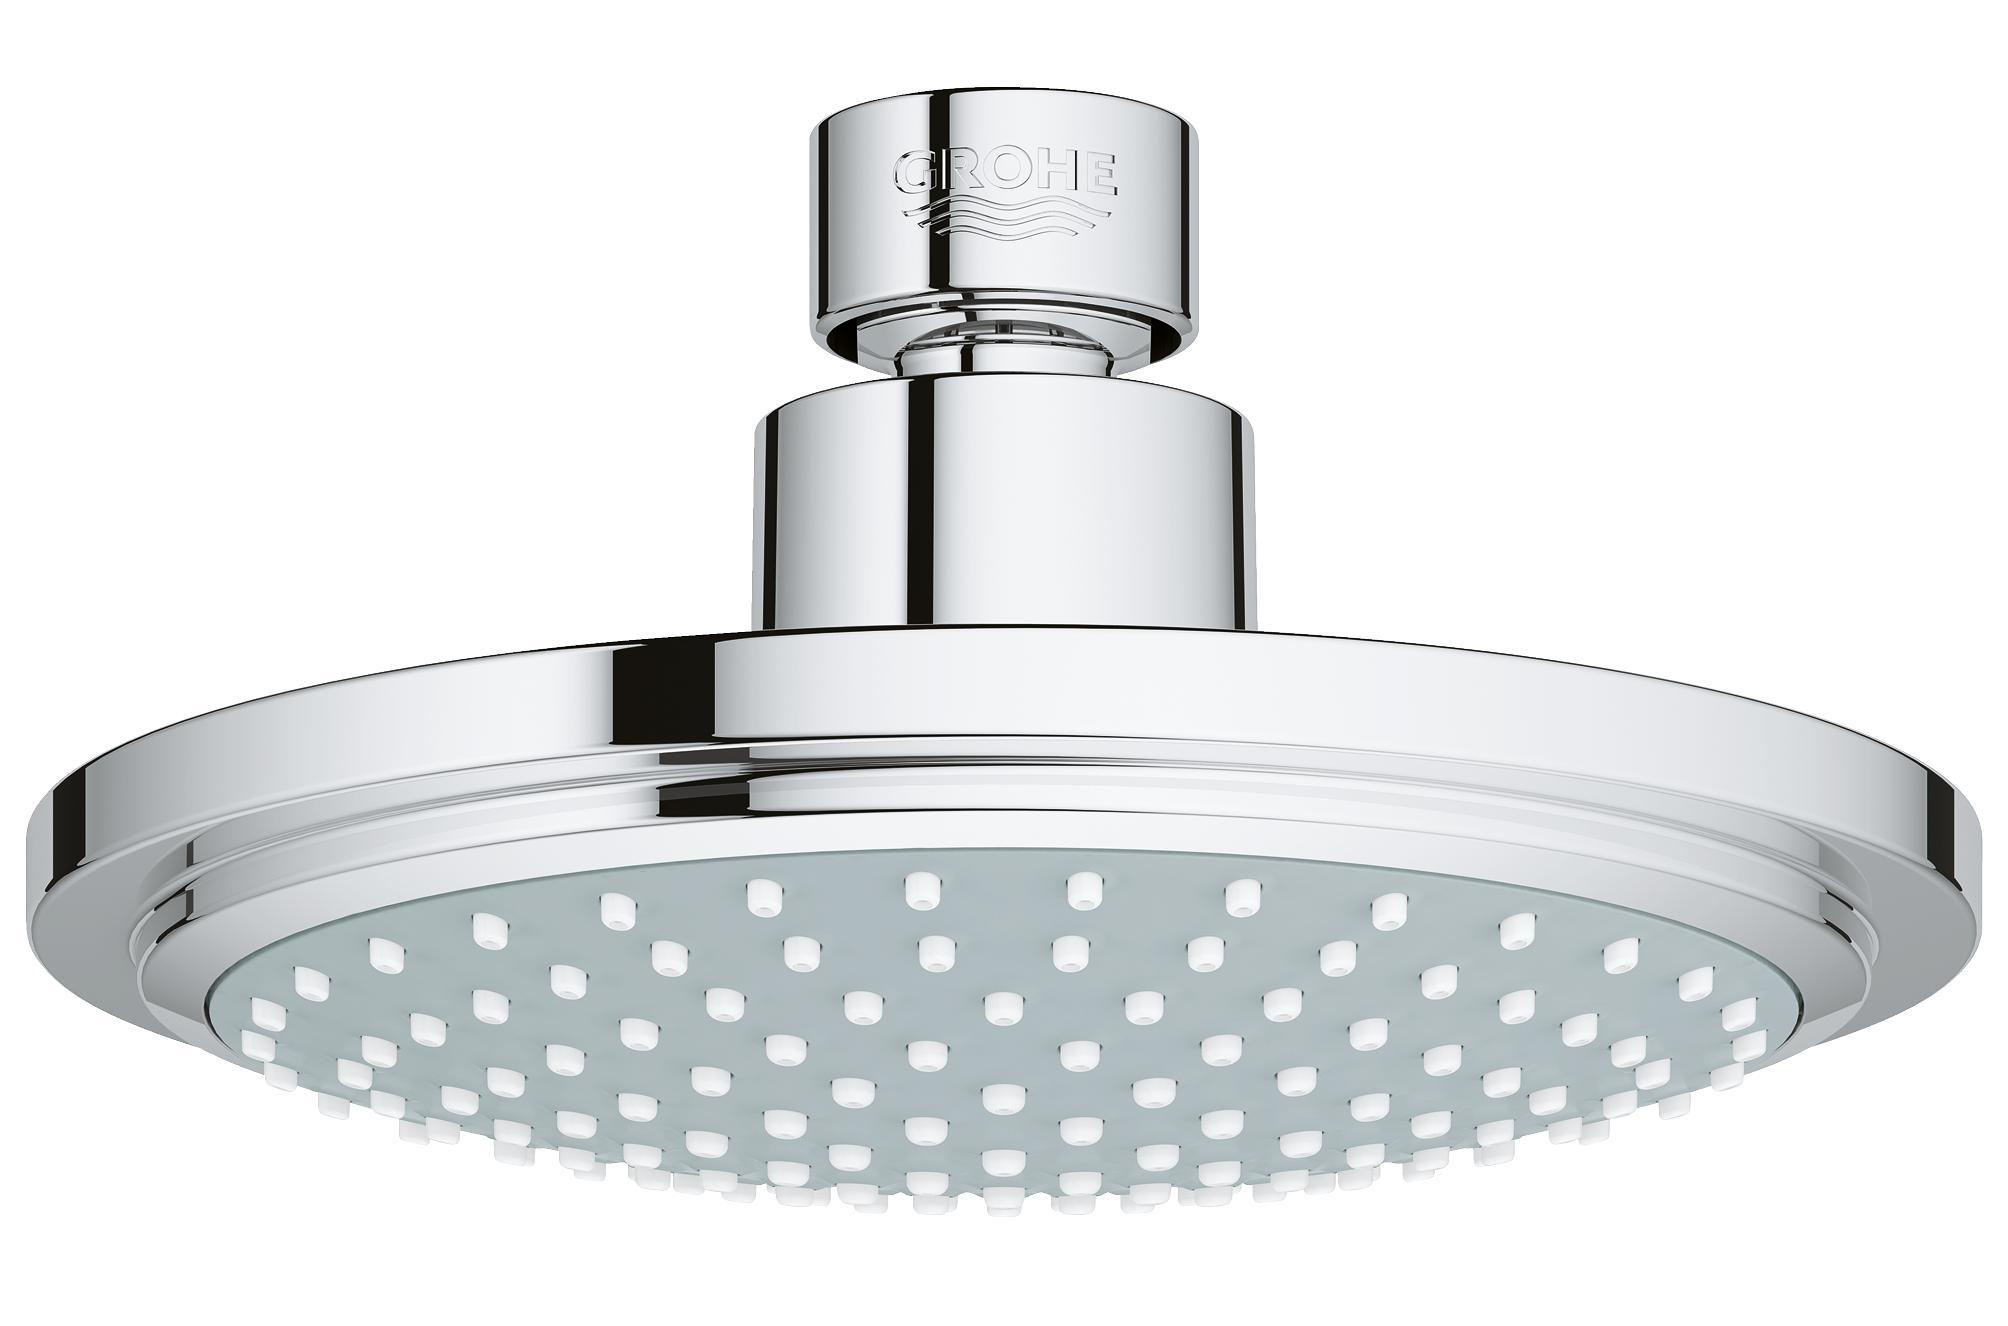 Душ верхний Grohe 28232000 набор верхний душ с потолочным душевым кронштейном grohe power